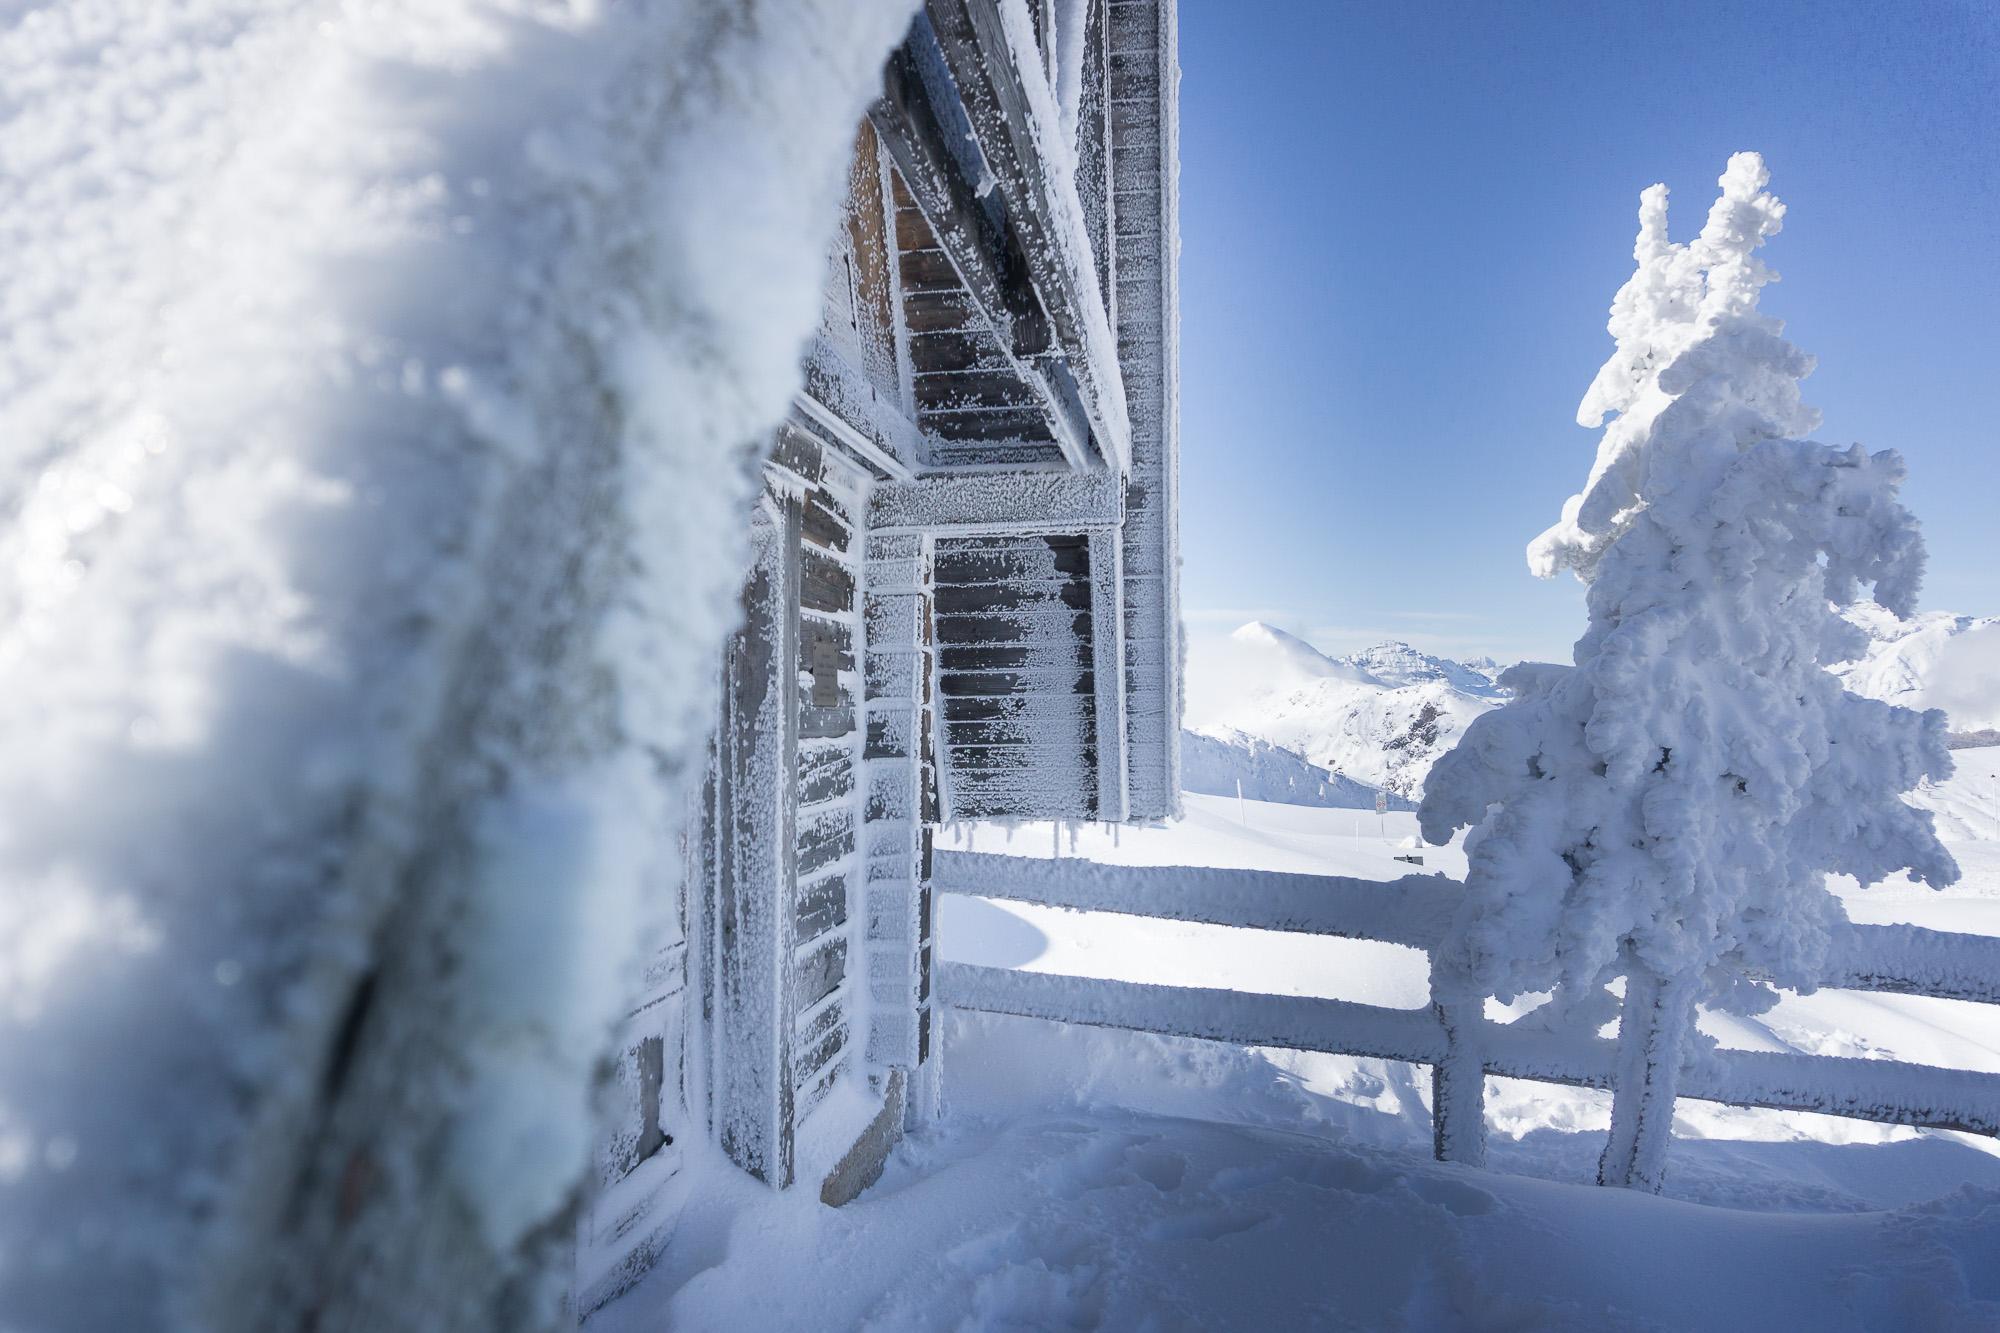 L'abbraccio della prima neve a Passo Giau _ Photo ©ROMINAVENIER